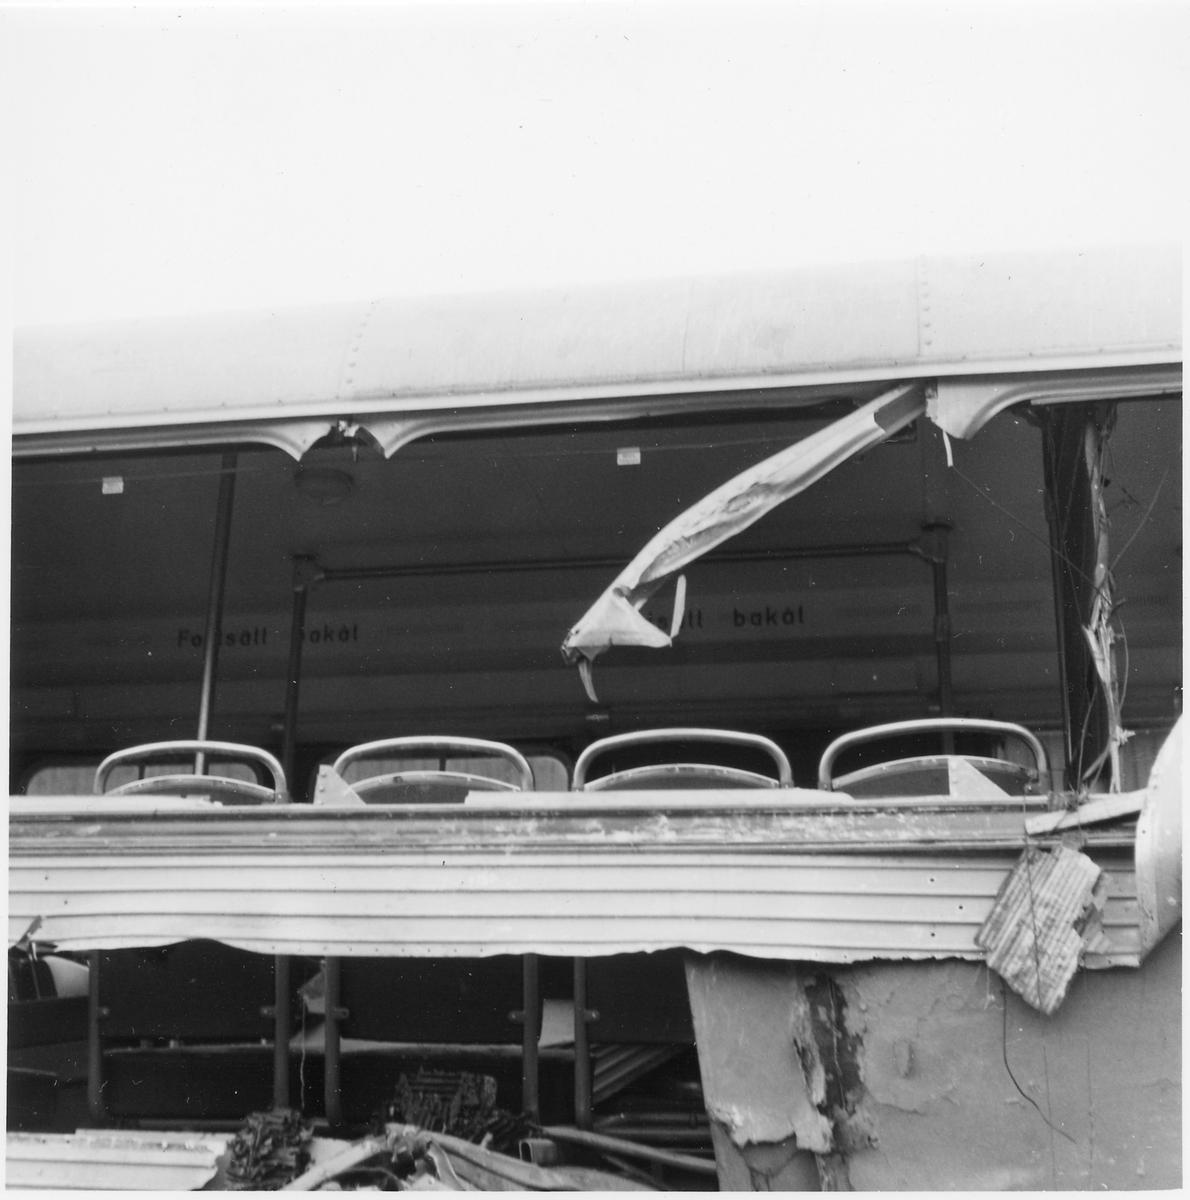 Skadad inredning och chassi på en buss.